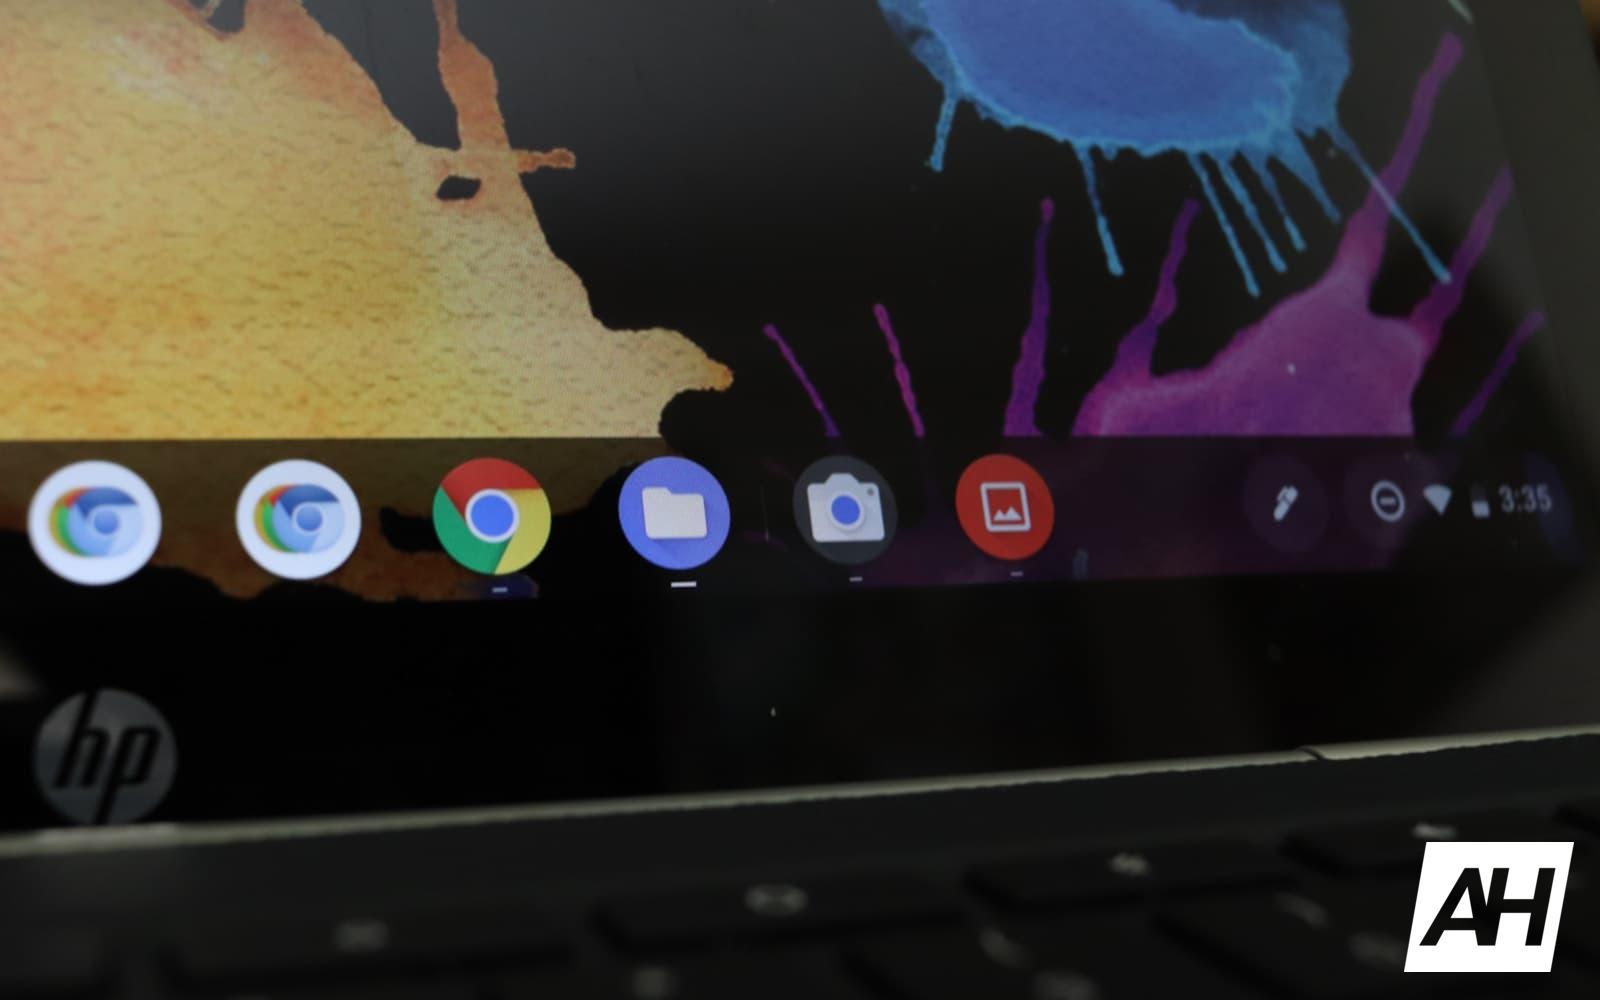 Cách sử dụng Chế độ tổng quan & Switch Ứng dụng nhanh chóng trên Chromebook 3